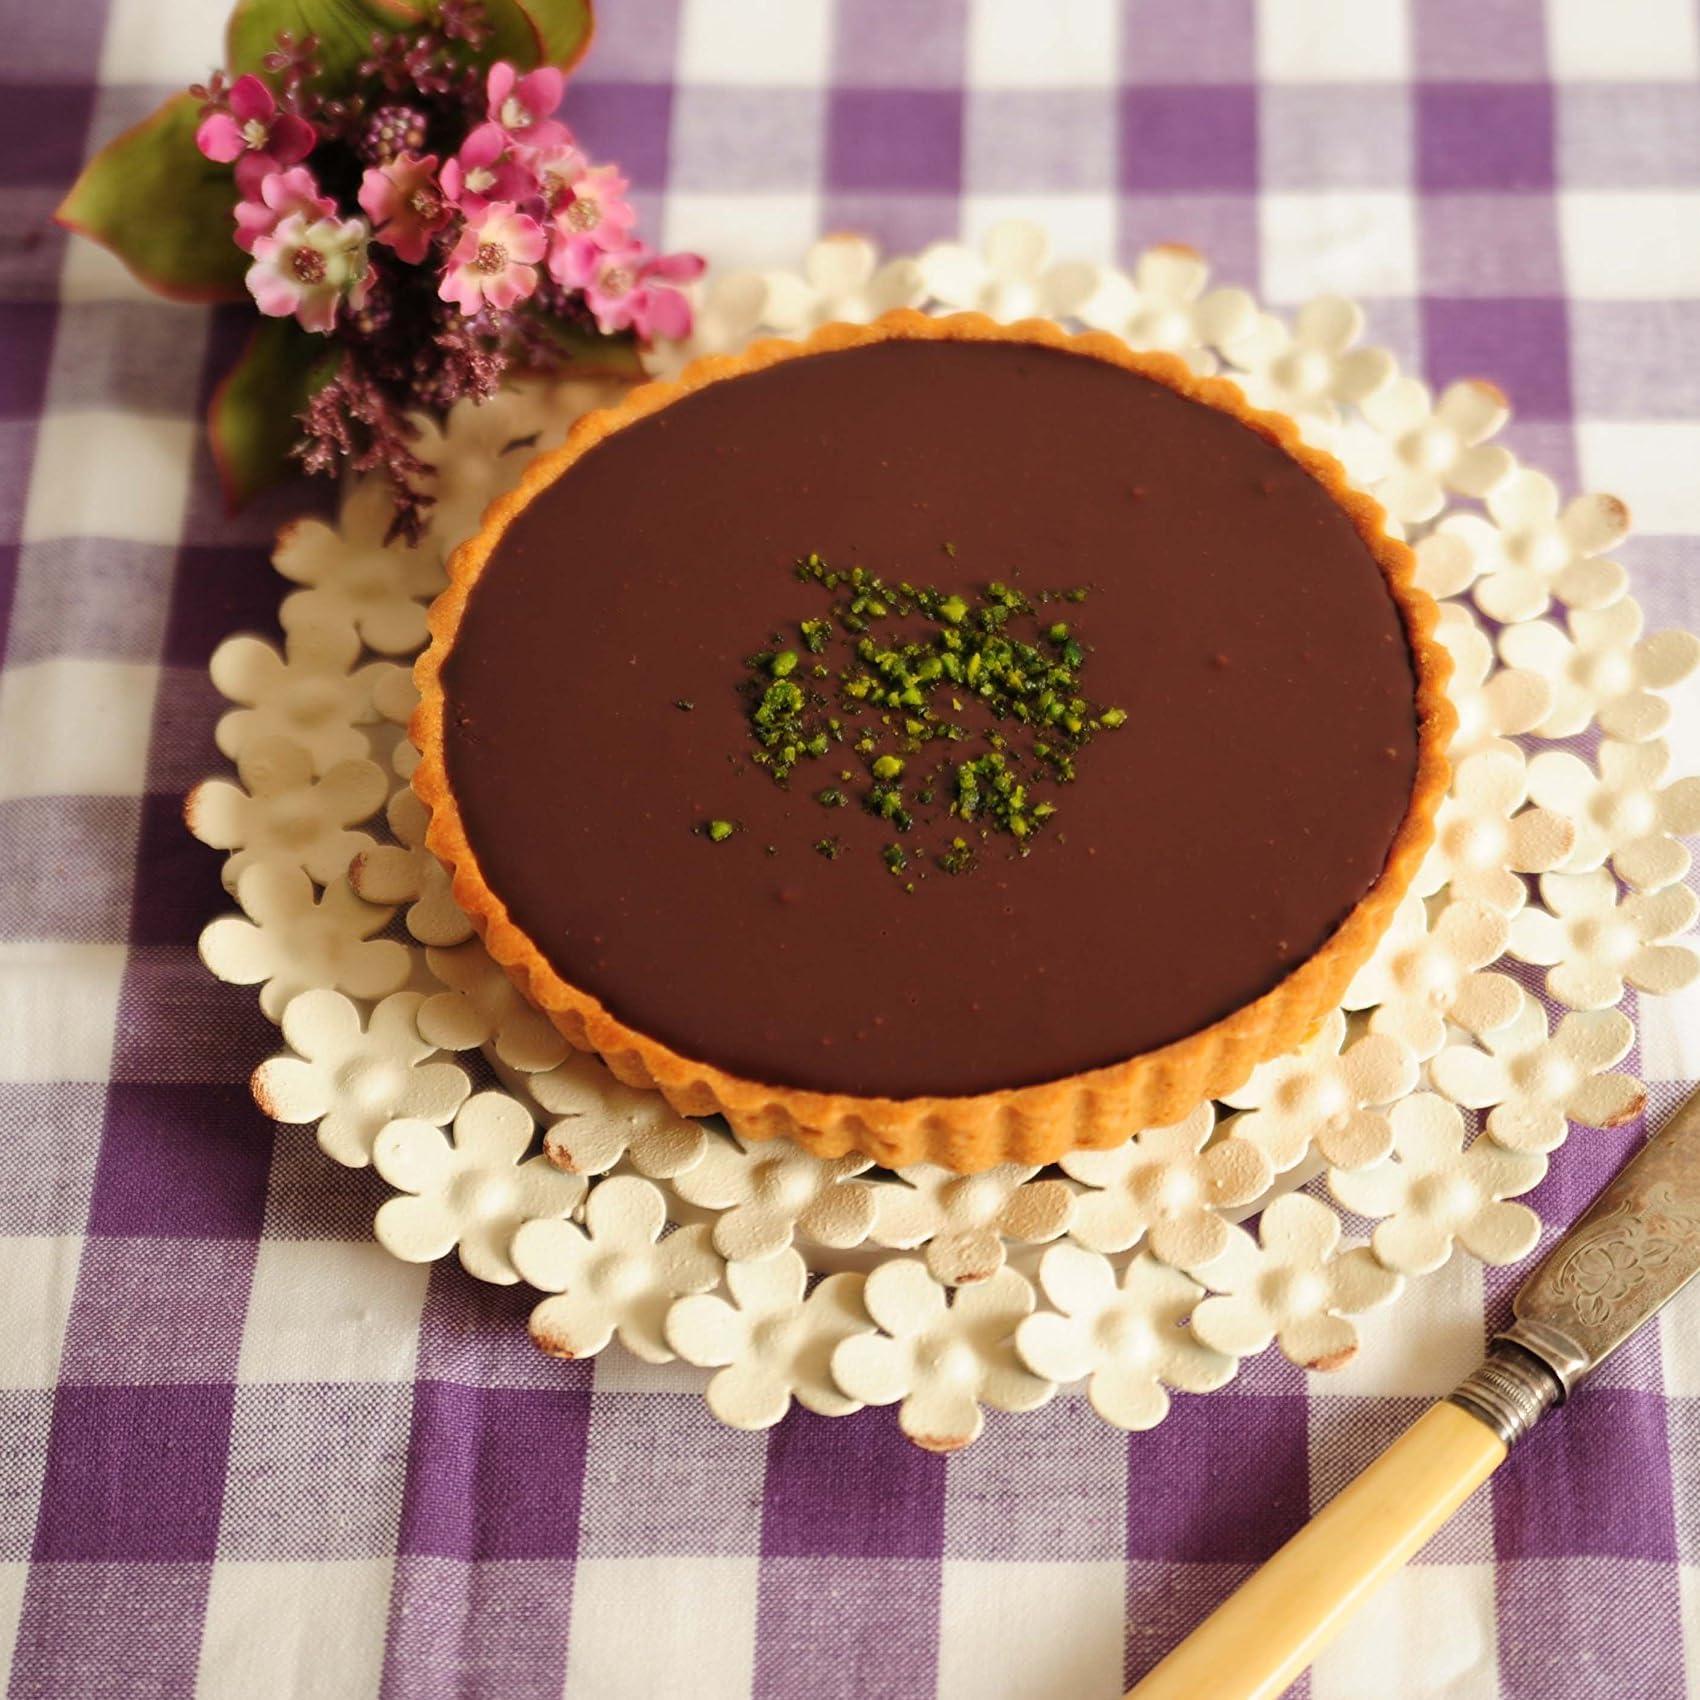 ケーキ Ipad壁紙 チョコレート タルトケーキ その他 スマホ用画像